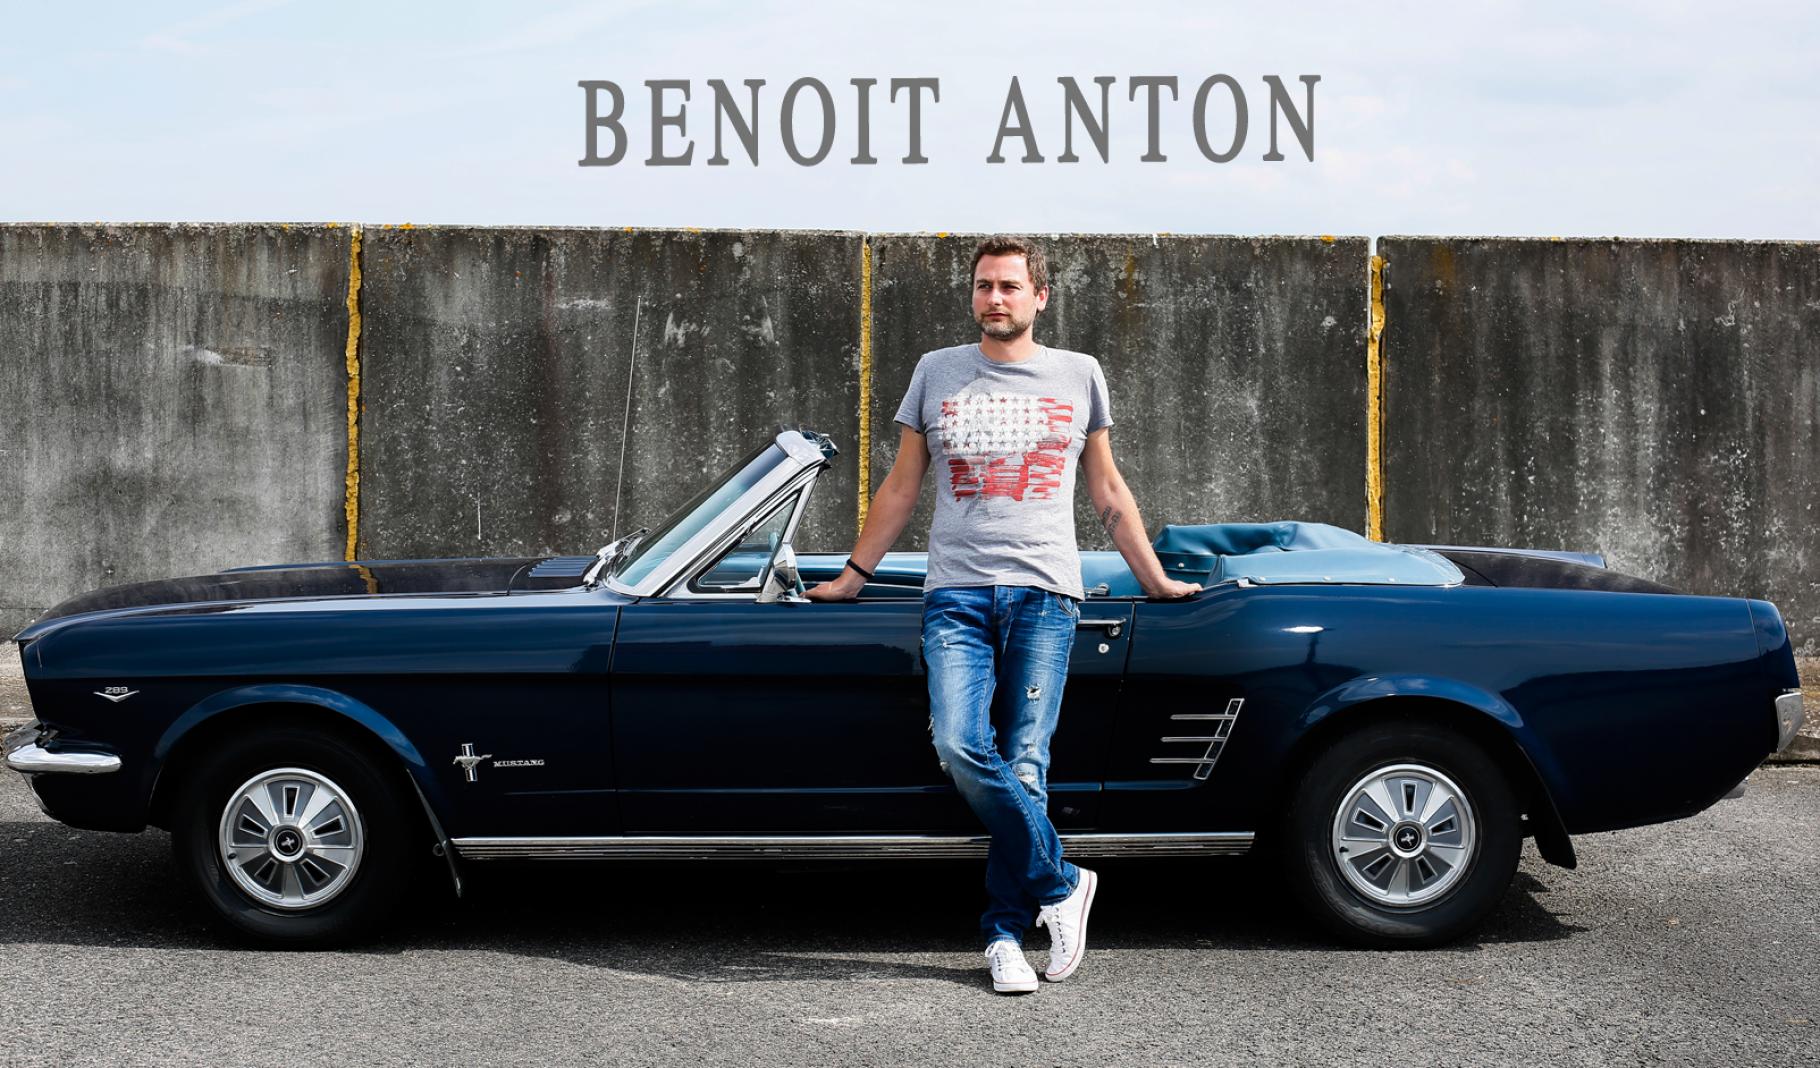 BENOIT ANTON